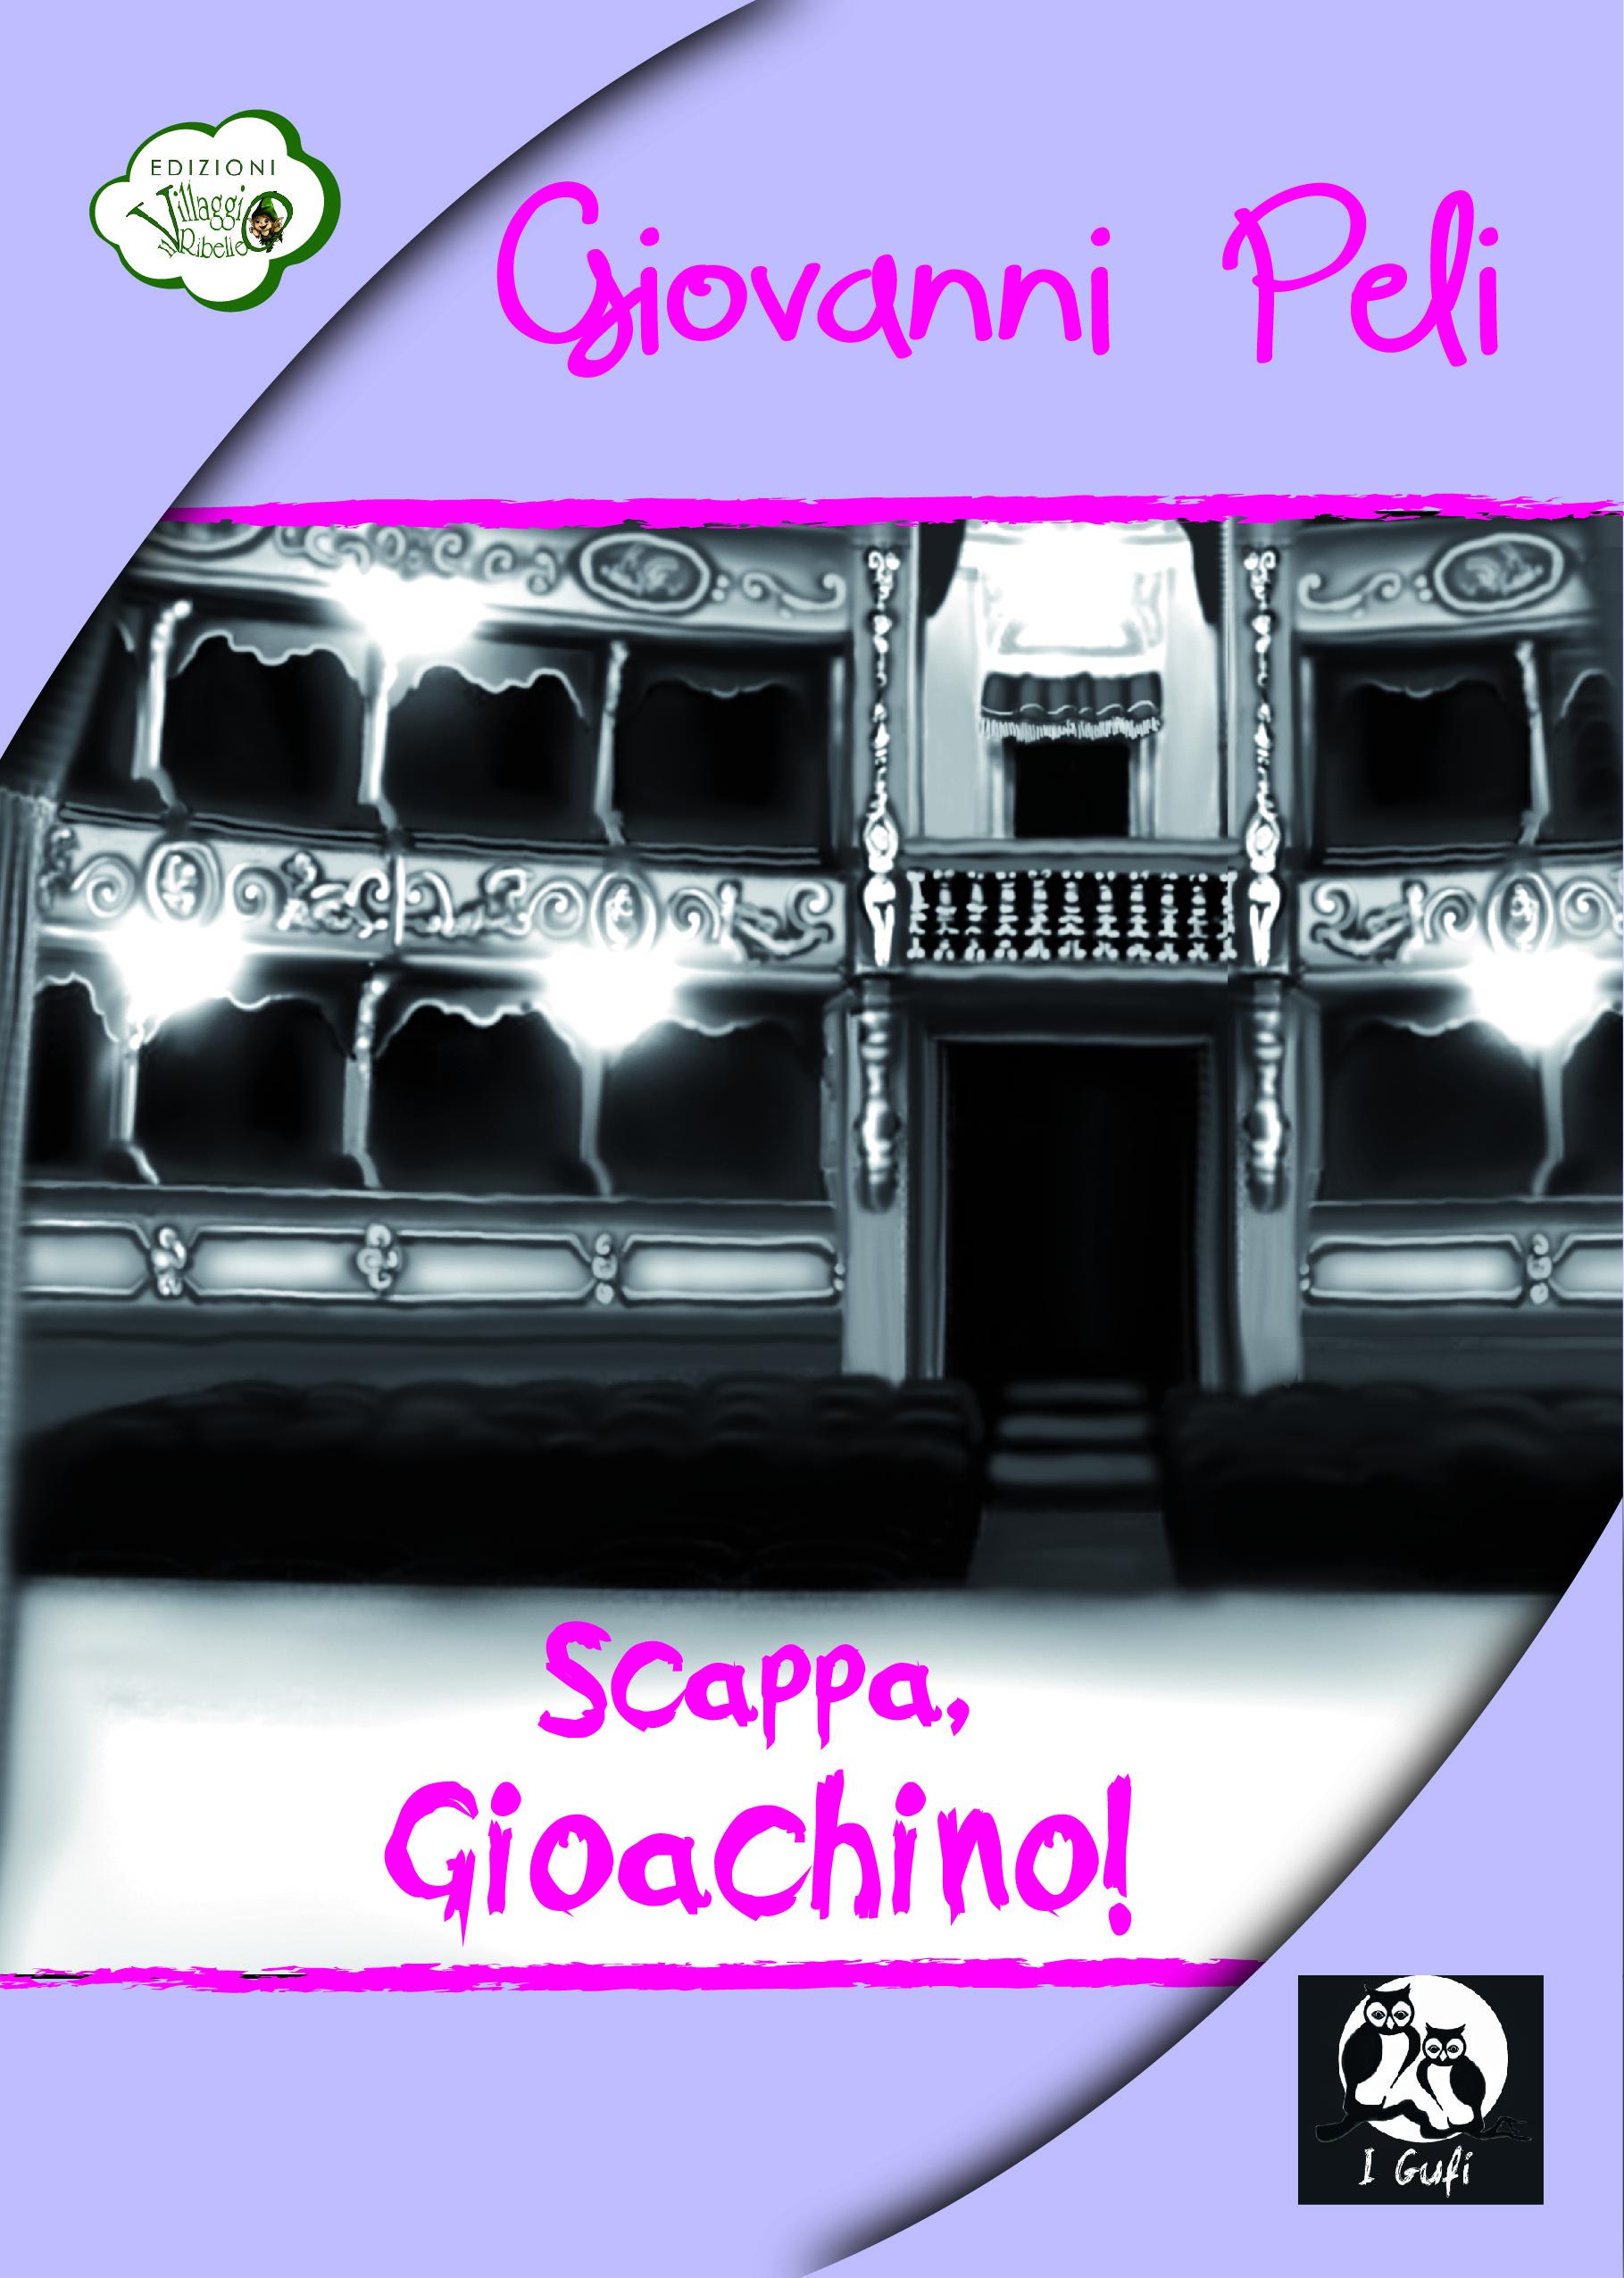 Scappa, Gioachino!